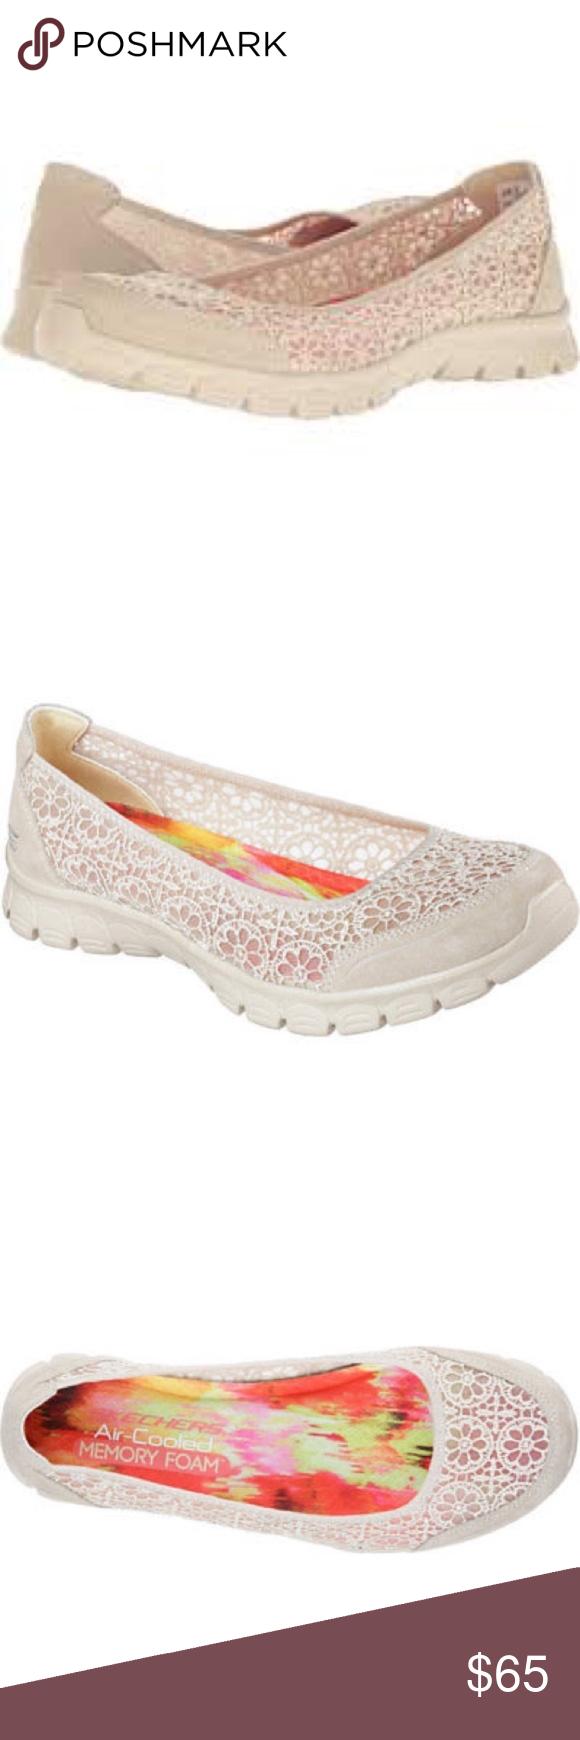 Skechers Cream Lace Memory Foam Ballet